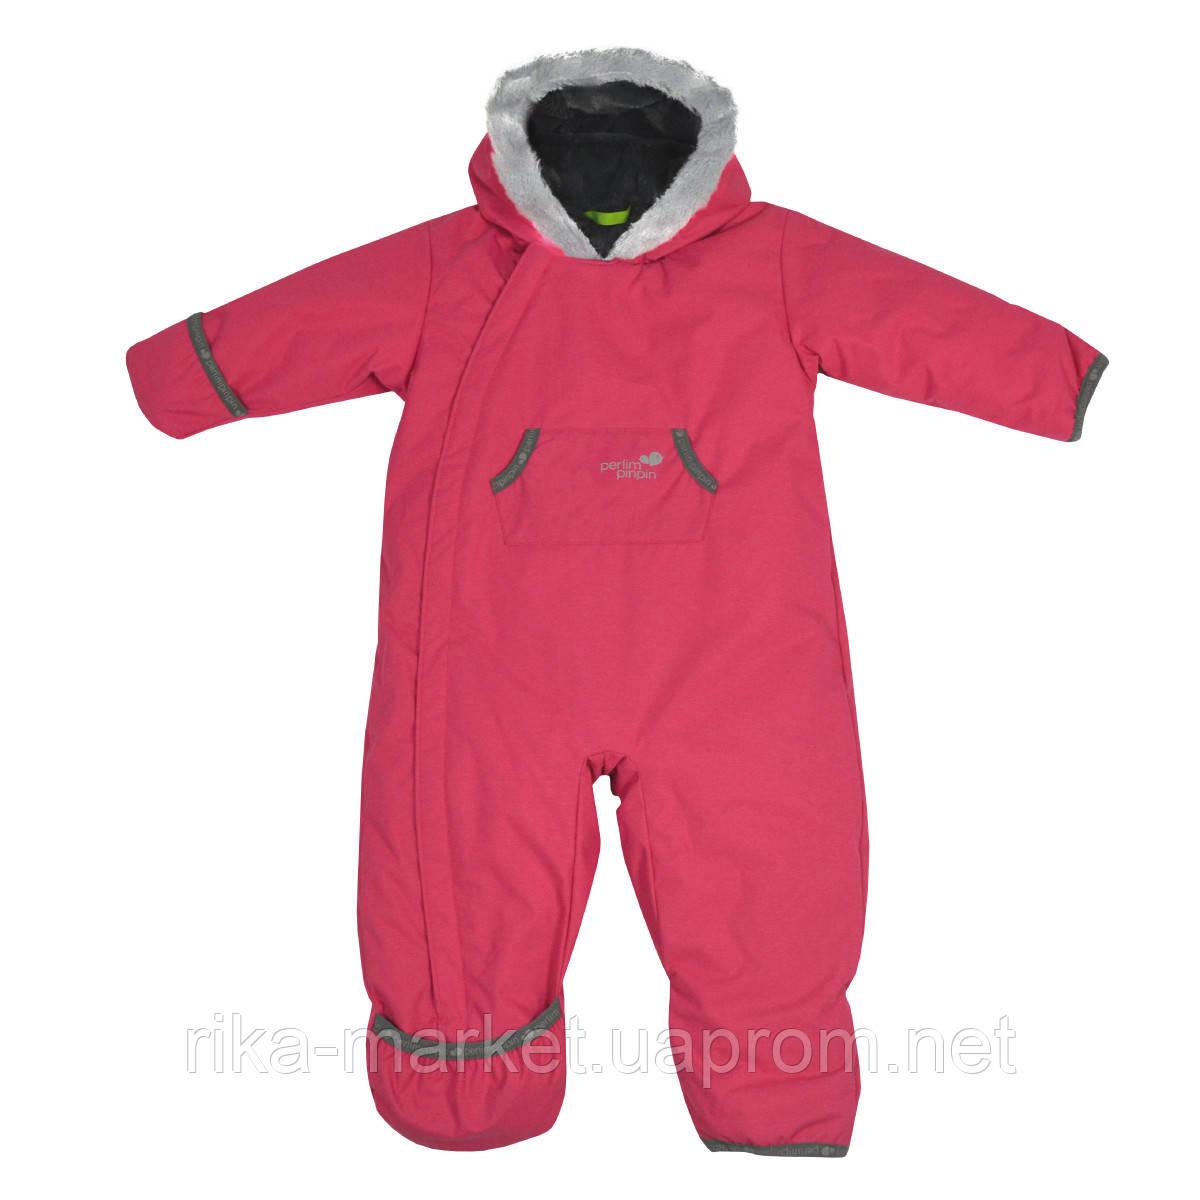 Термокомбинезон Perlimpinpin для девочки, арт. VH267 СO, возраст от 6 до 24 месяцев